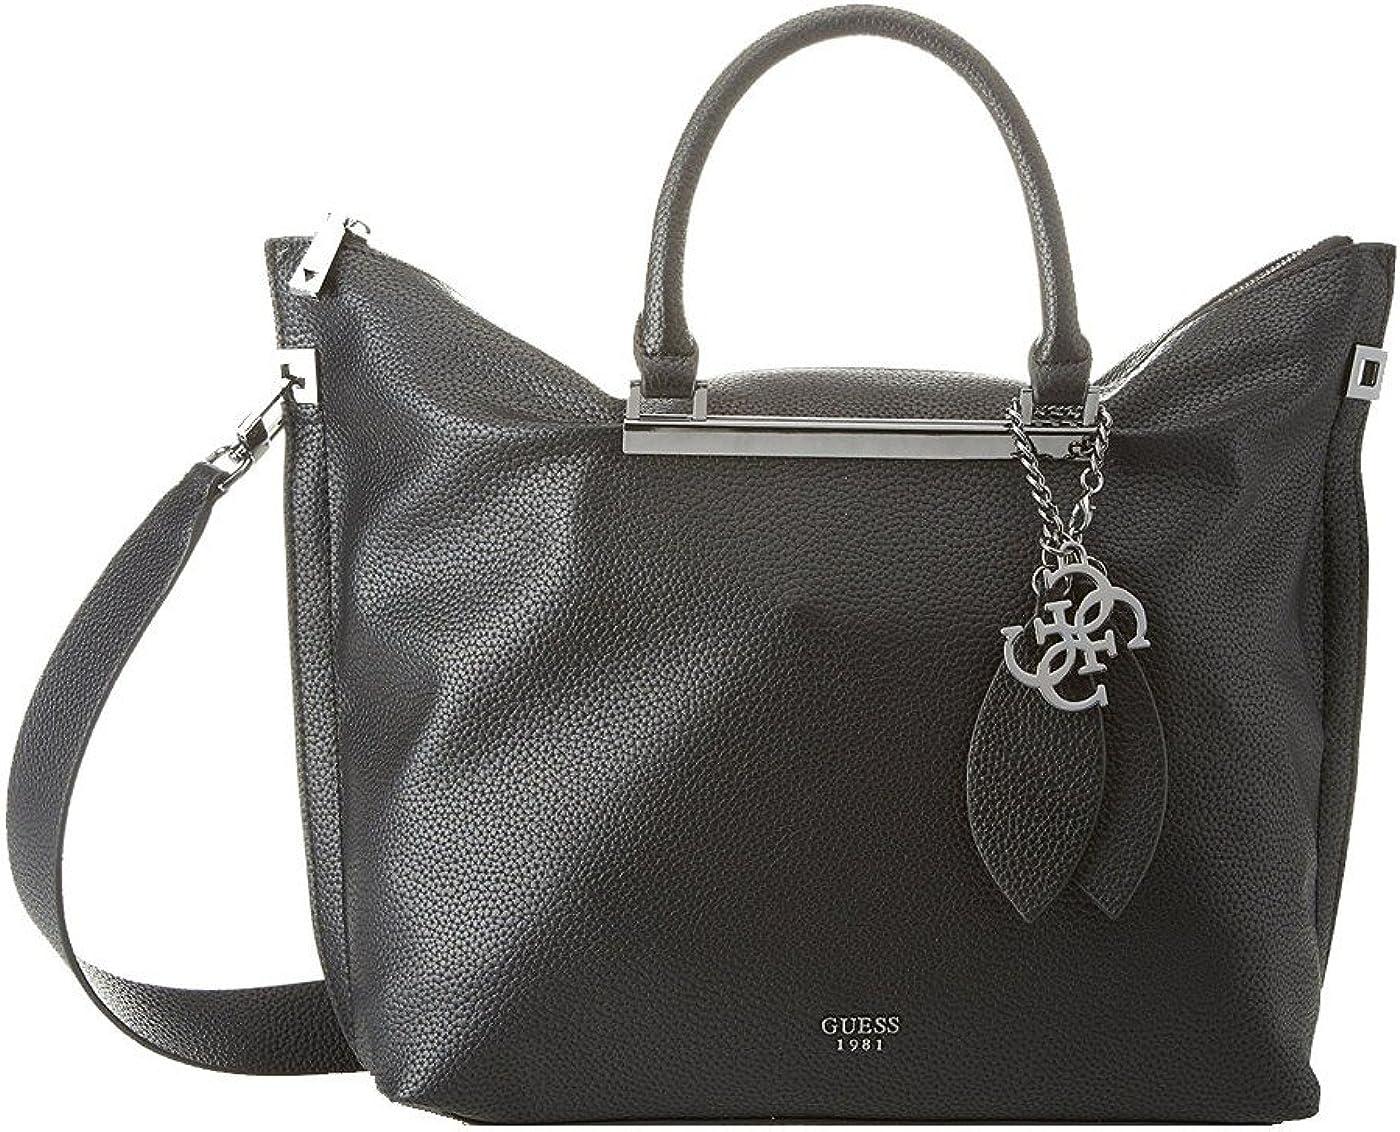 Guess Grand sac à main Lou Lou Noir: : Vêtements et